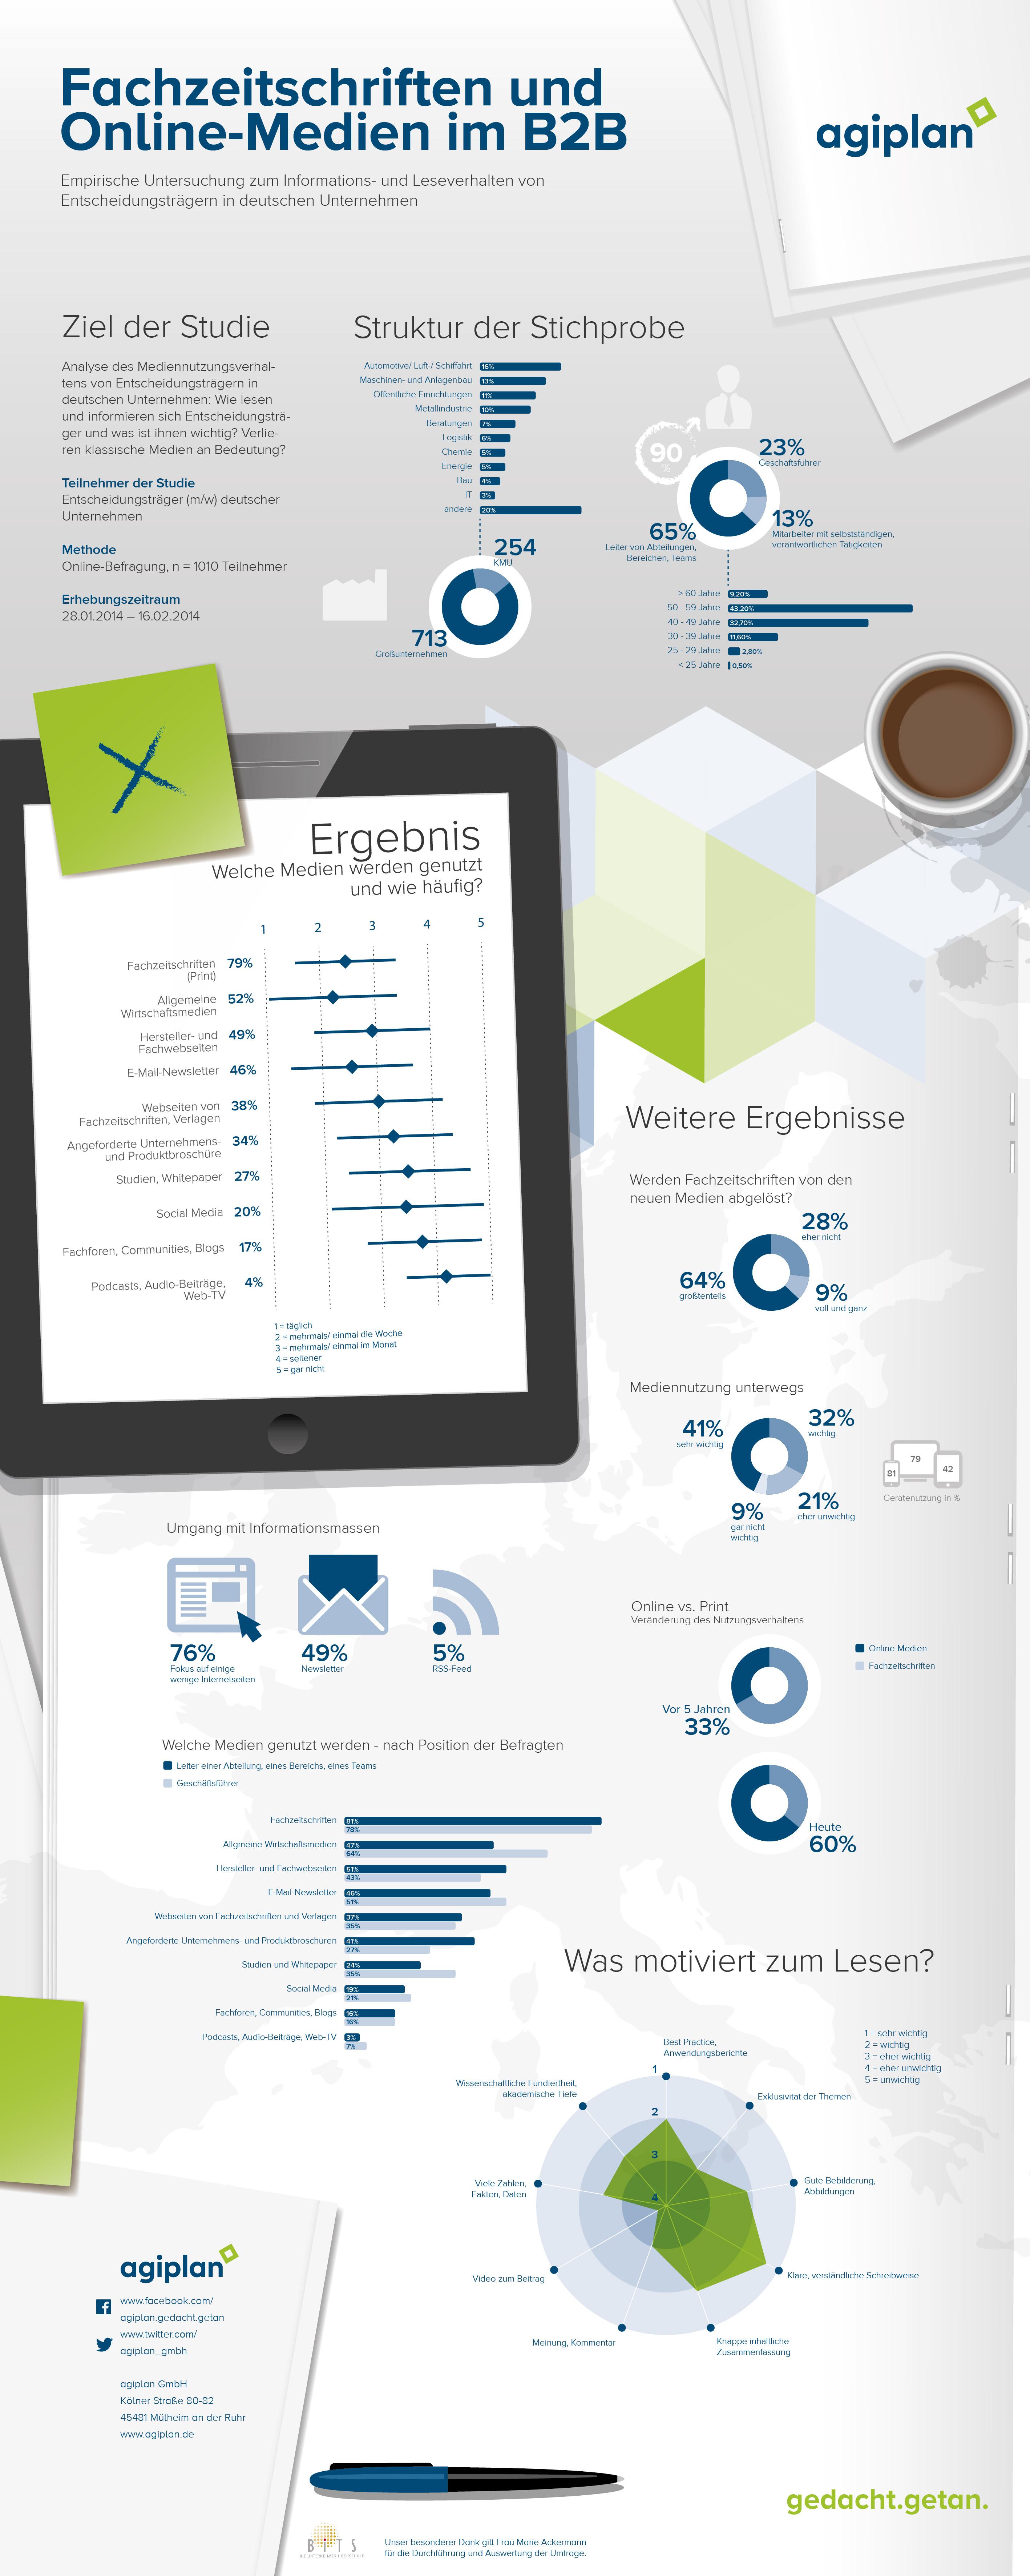 agiplan Fachmedien Infografik_final v2